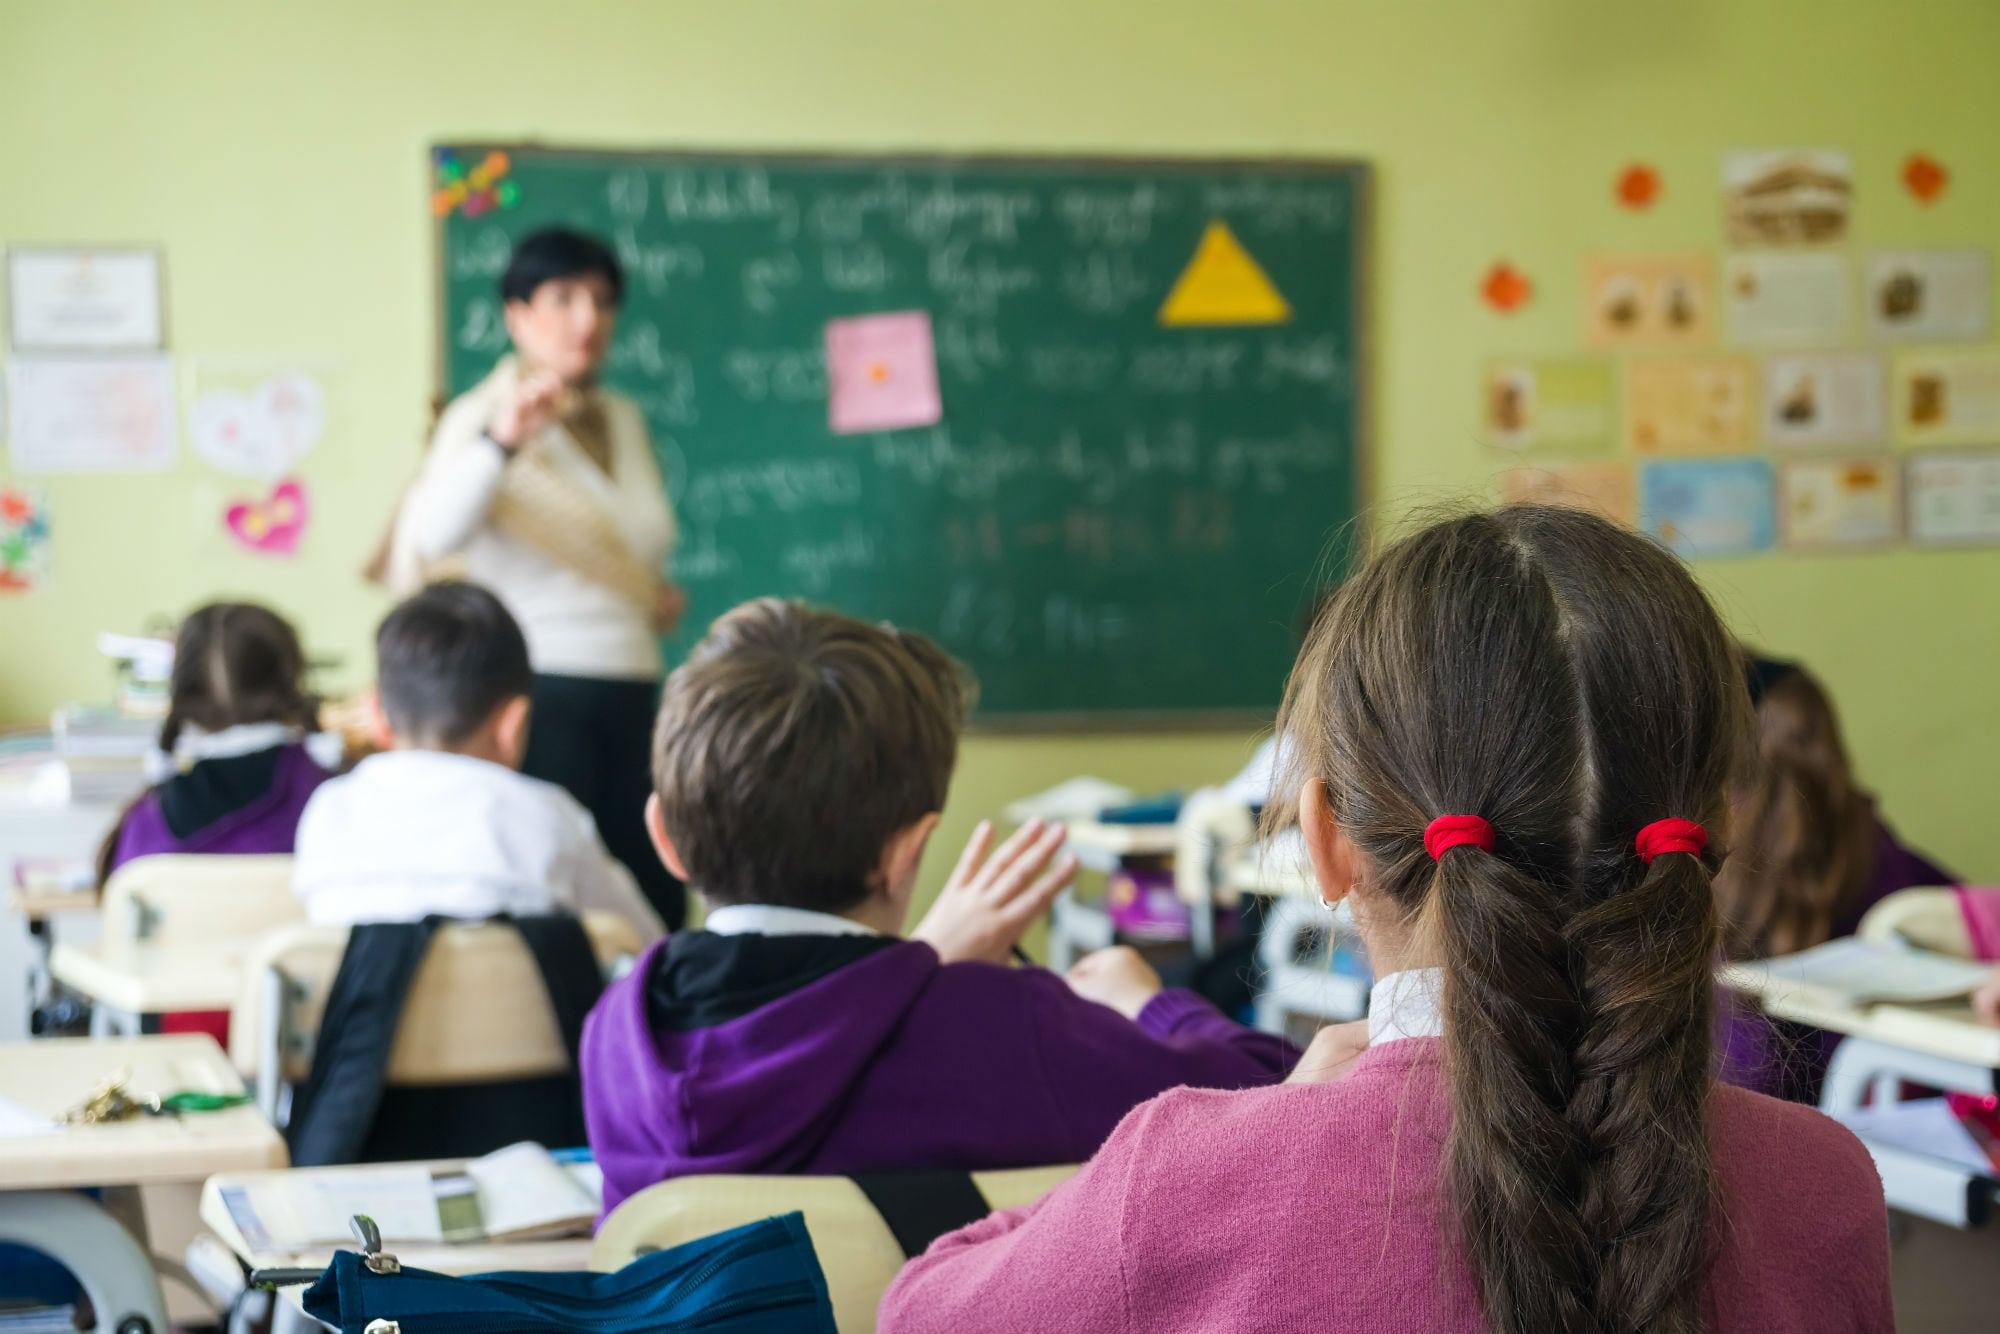 schools in Ireland